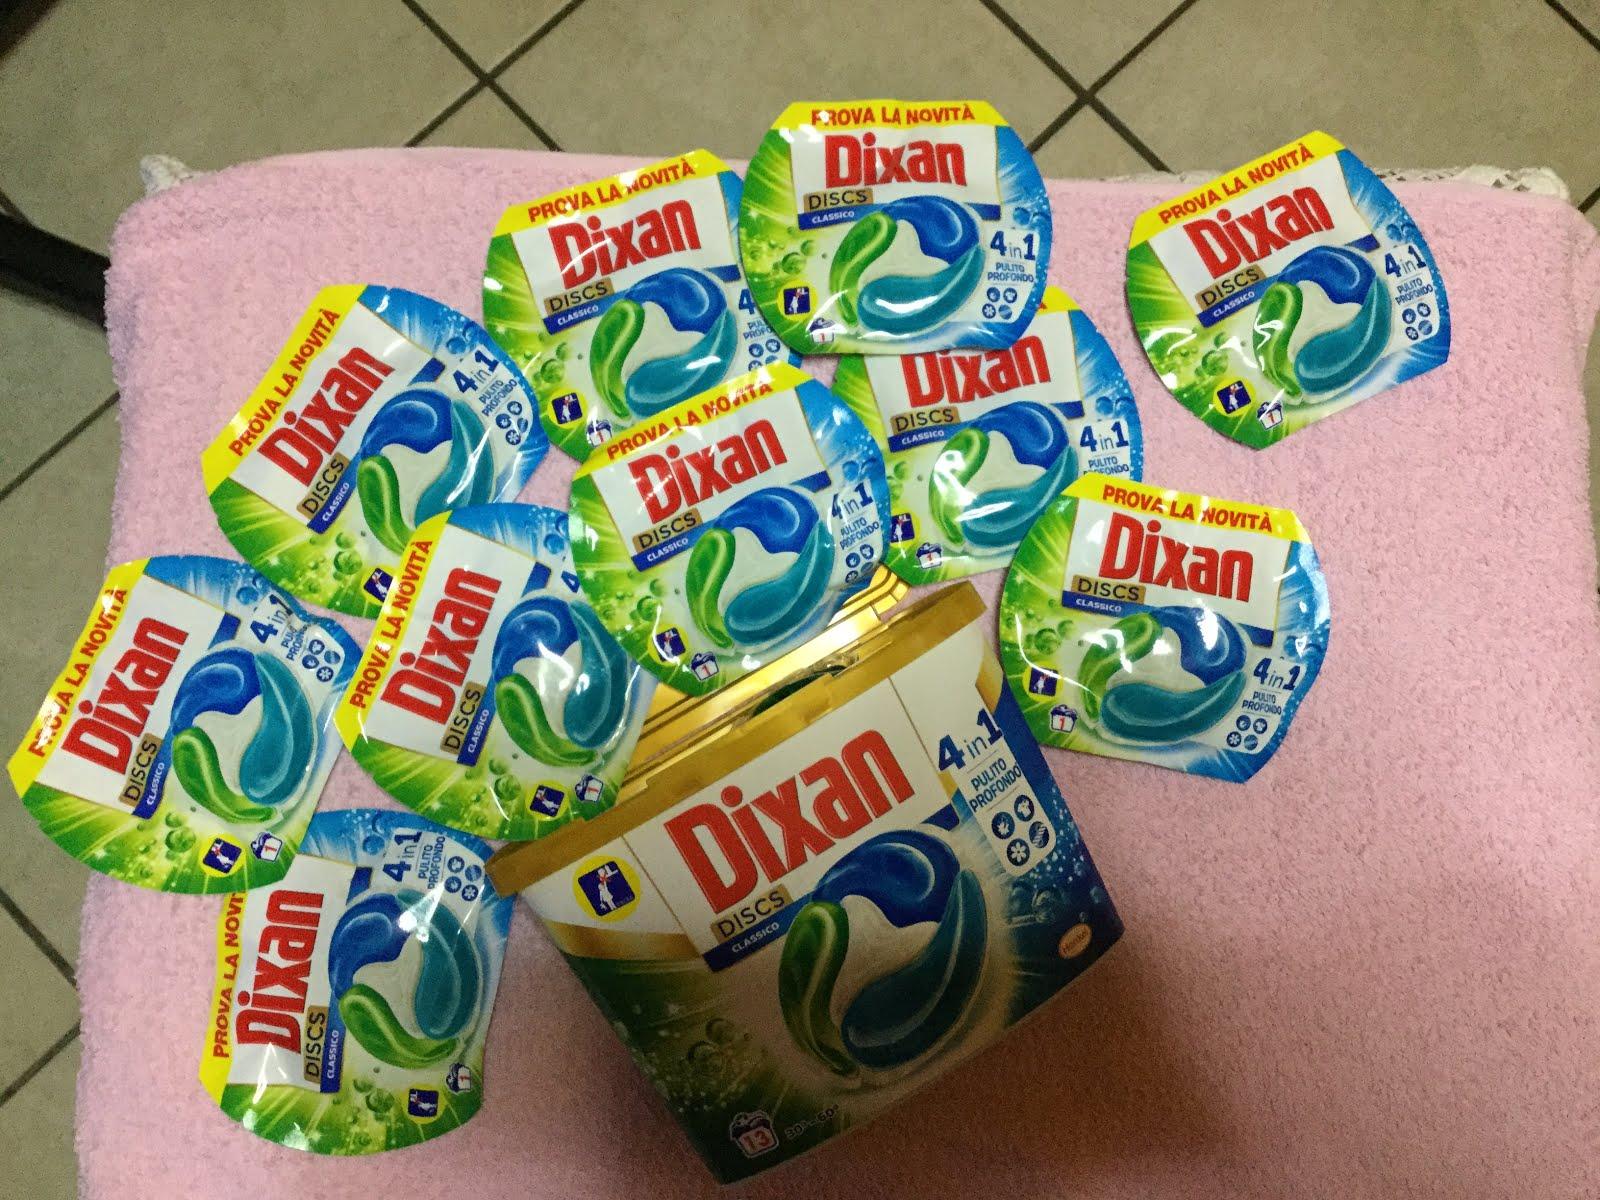 Ambassador Dixan